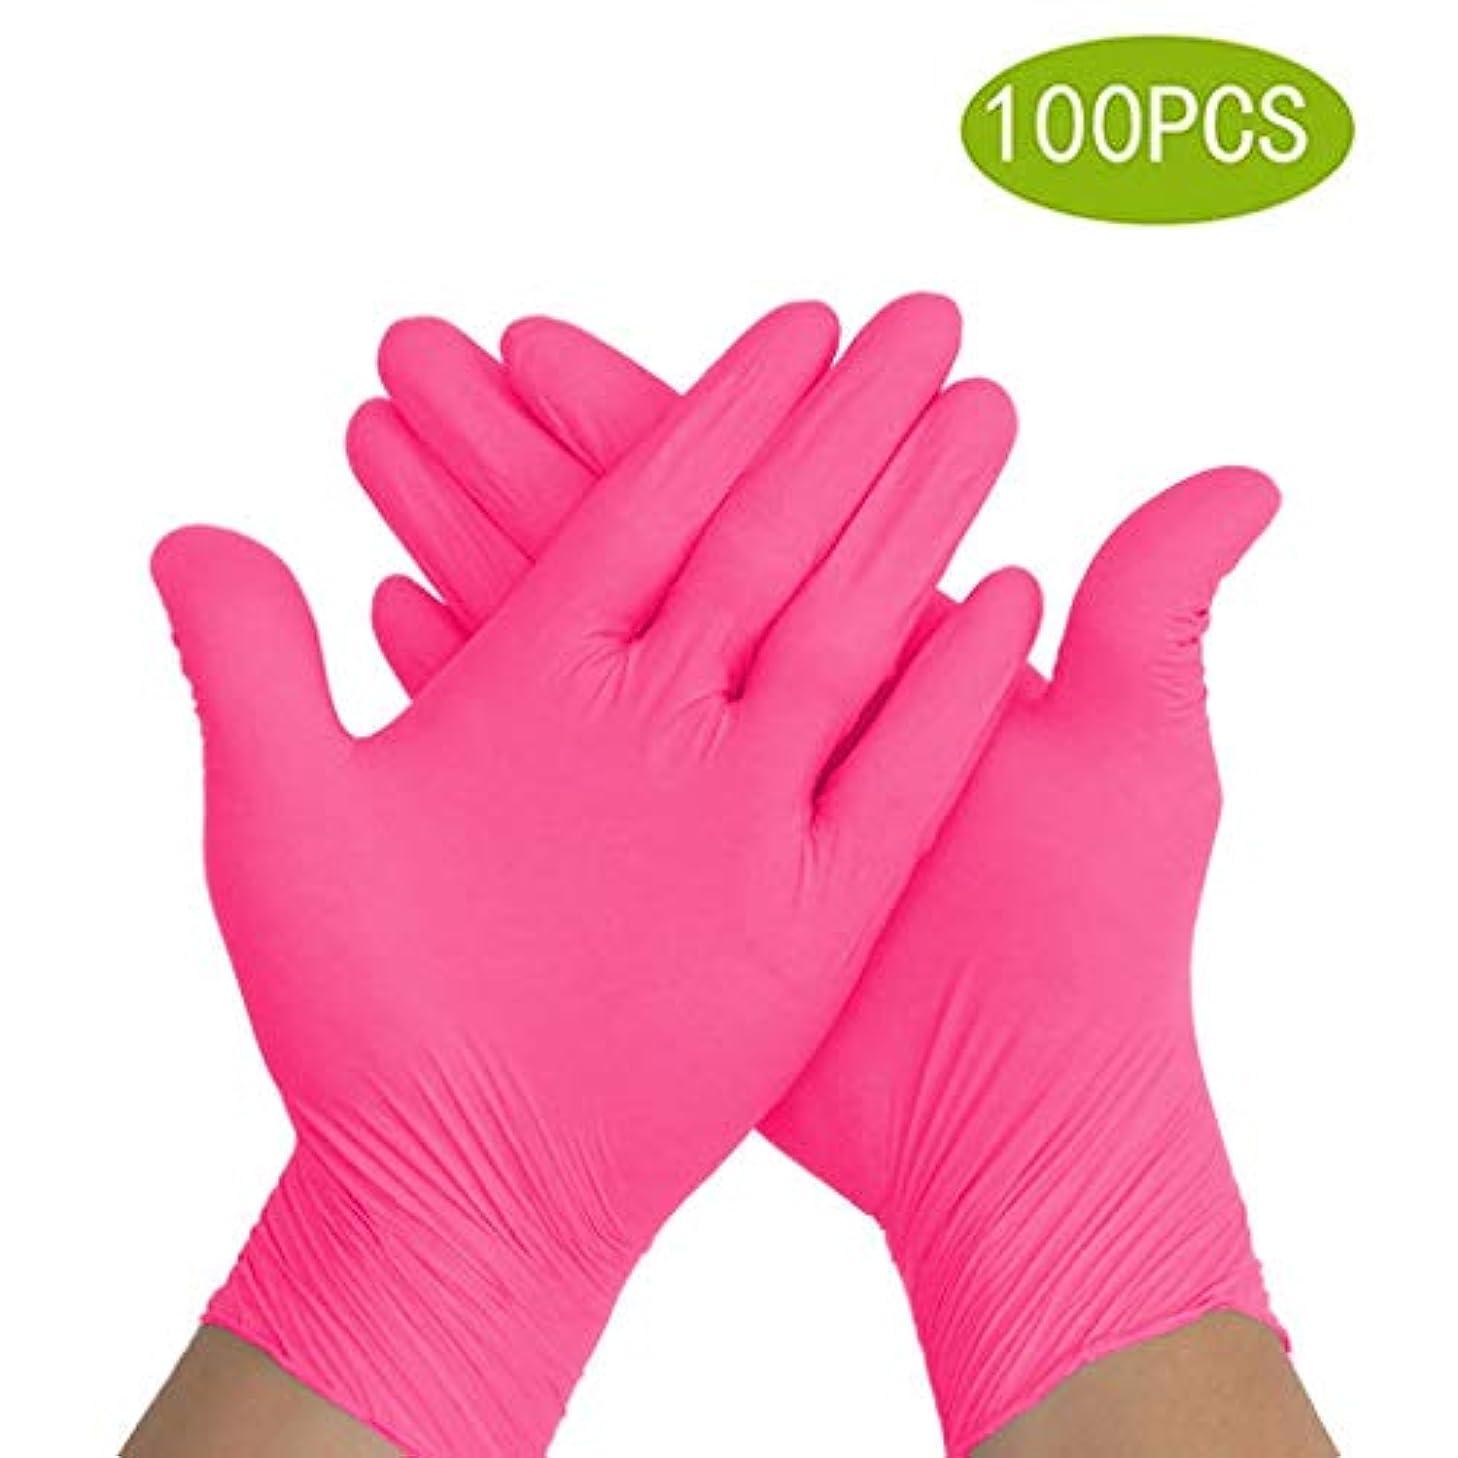 消化プラス未接続ニトリル使い捨て手袋、パウダーフリーのレッドビューティーサロンタトゥー、食品用手袋、ラテックスフリー、100個ディスペンサーパック (Size : S)